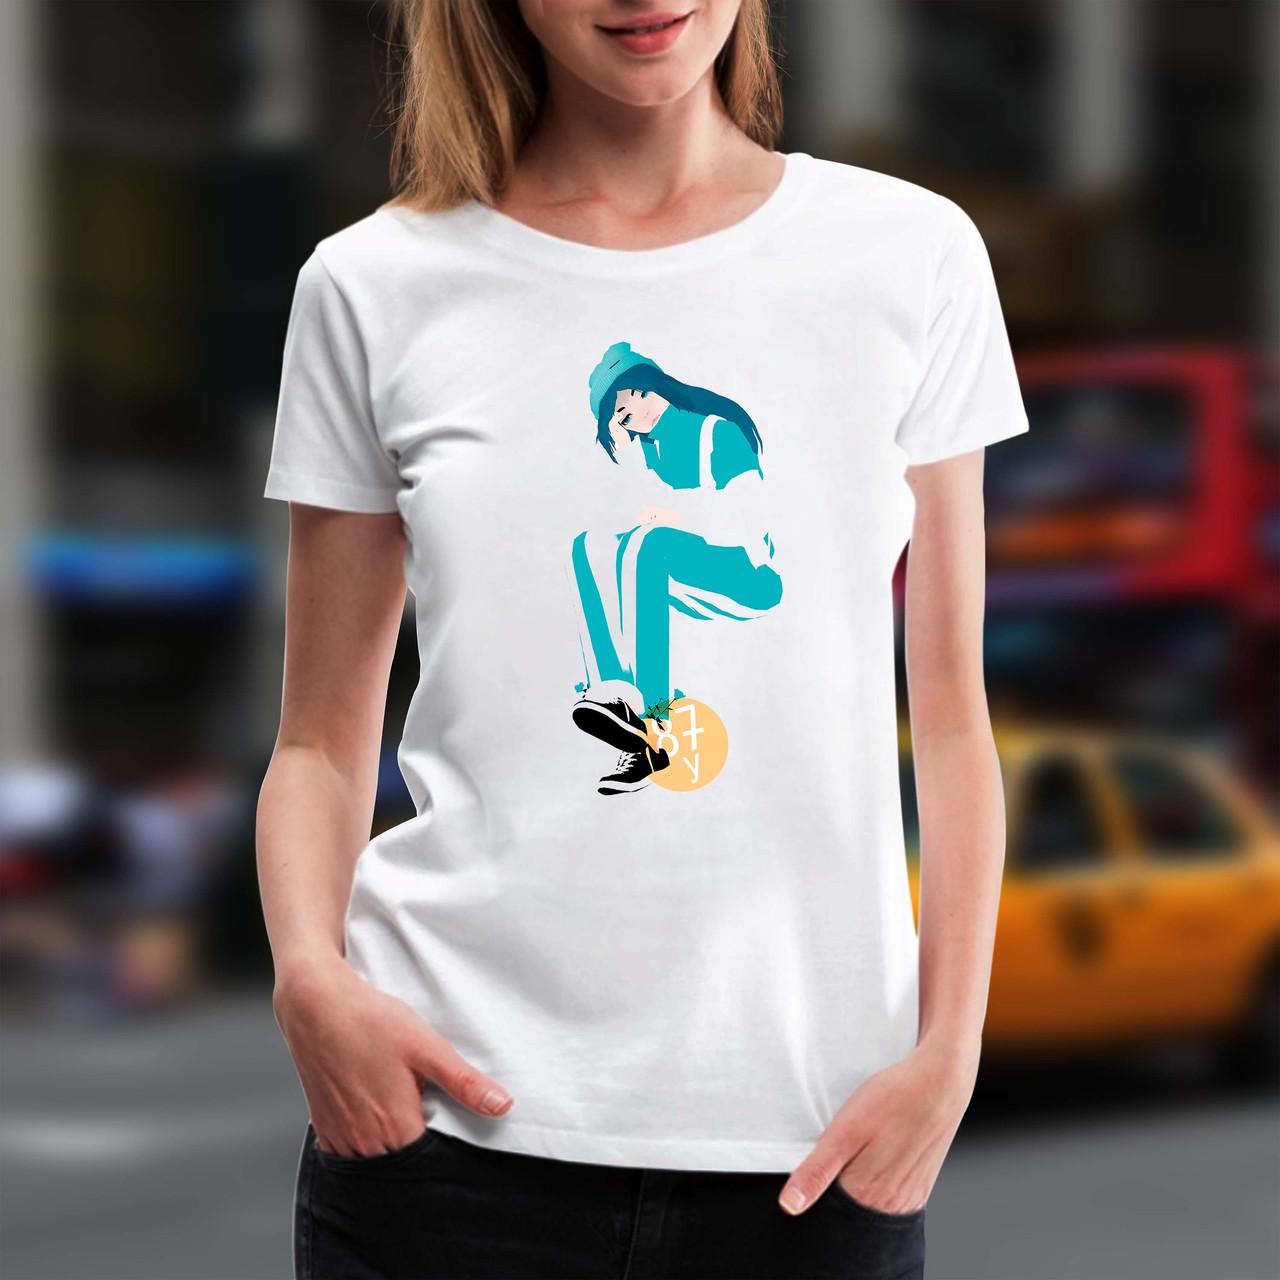 """Жіноча футболка з принтом """"Billie Eilish (Біллі Айлиш) мальована"""" Push IT XS, Білий"""